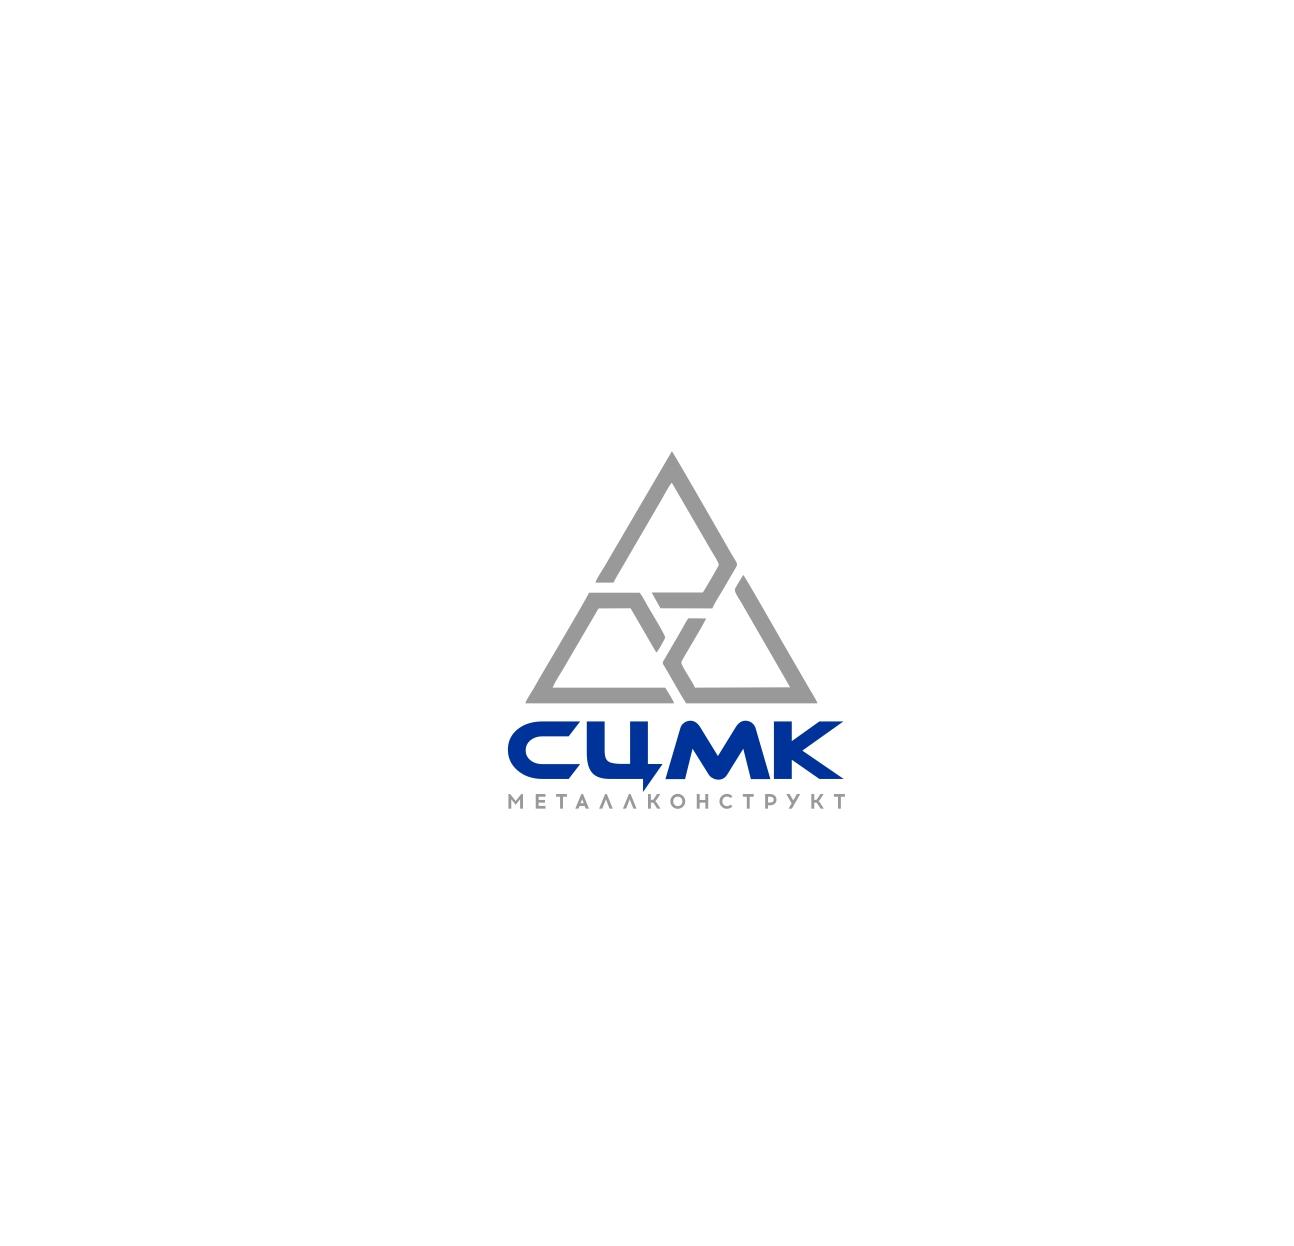 Разработка логотипа и фирменного стиля фото f_6725ad48738d2704.jpg